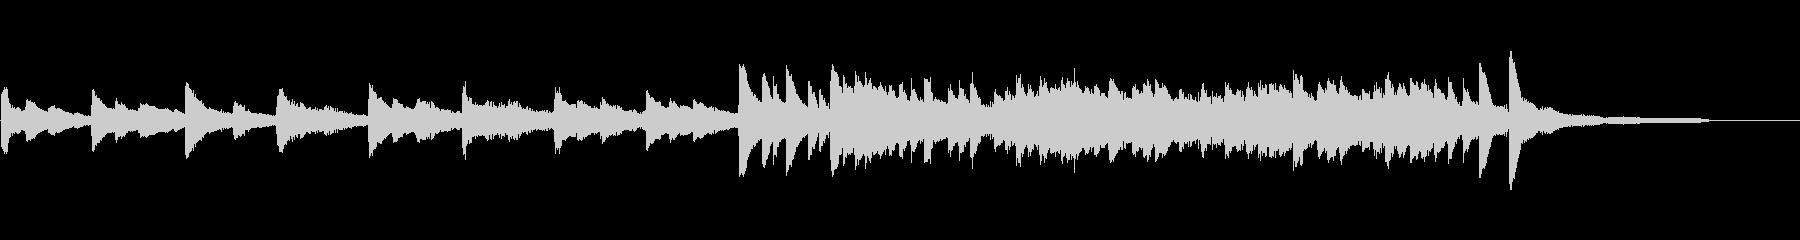 30秒でパッヘルベルのカノン ピアノソロの未再生の波形